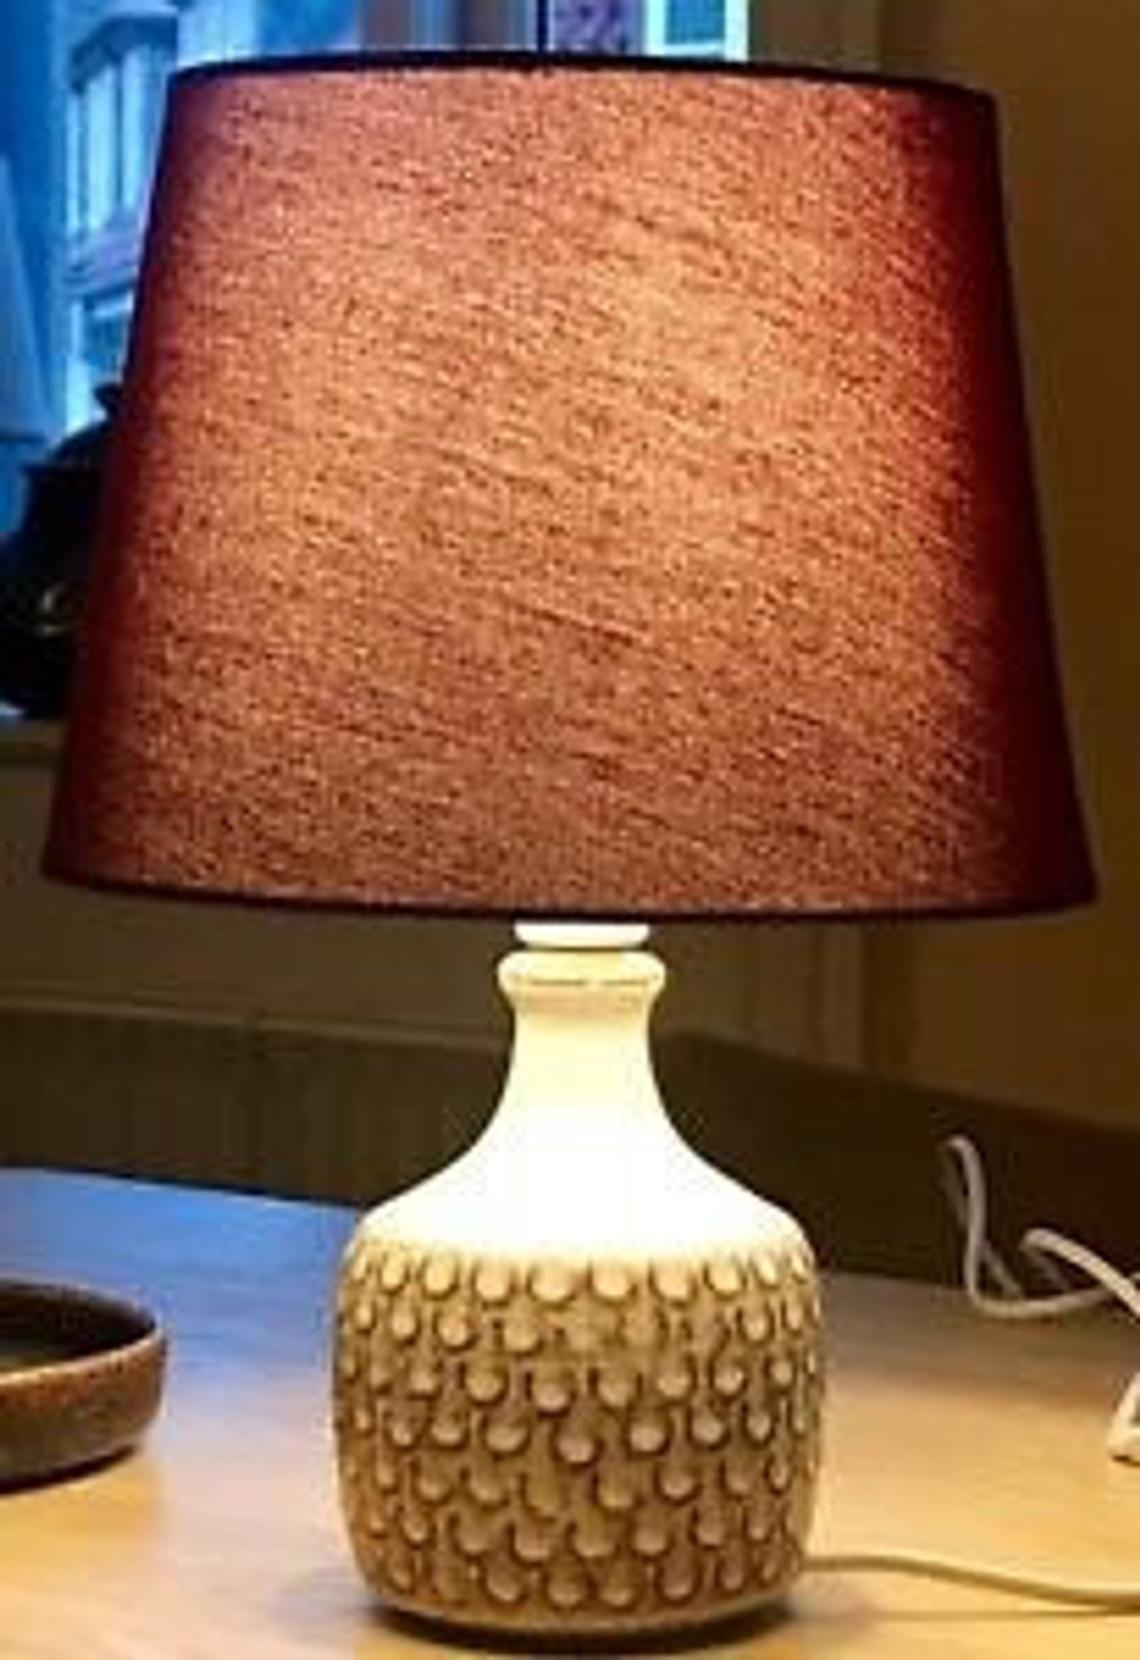 Soholm Keramik Vintage Lampe 1960 1970 Braun Kastanie Creme Etsy Ceramic Lamp Lamp Lamp Shade